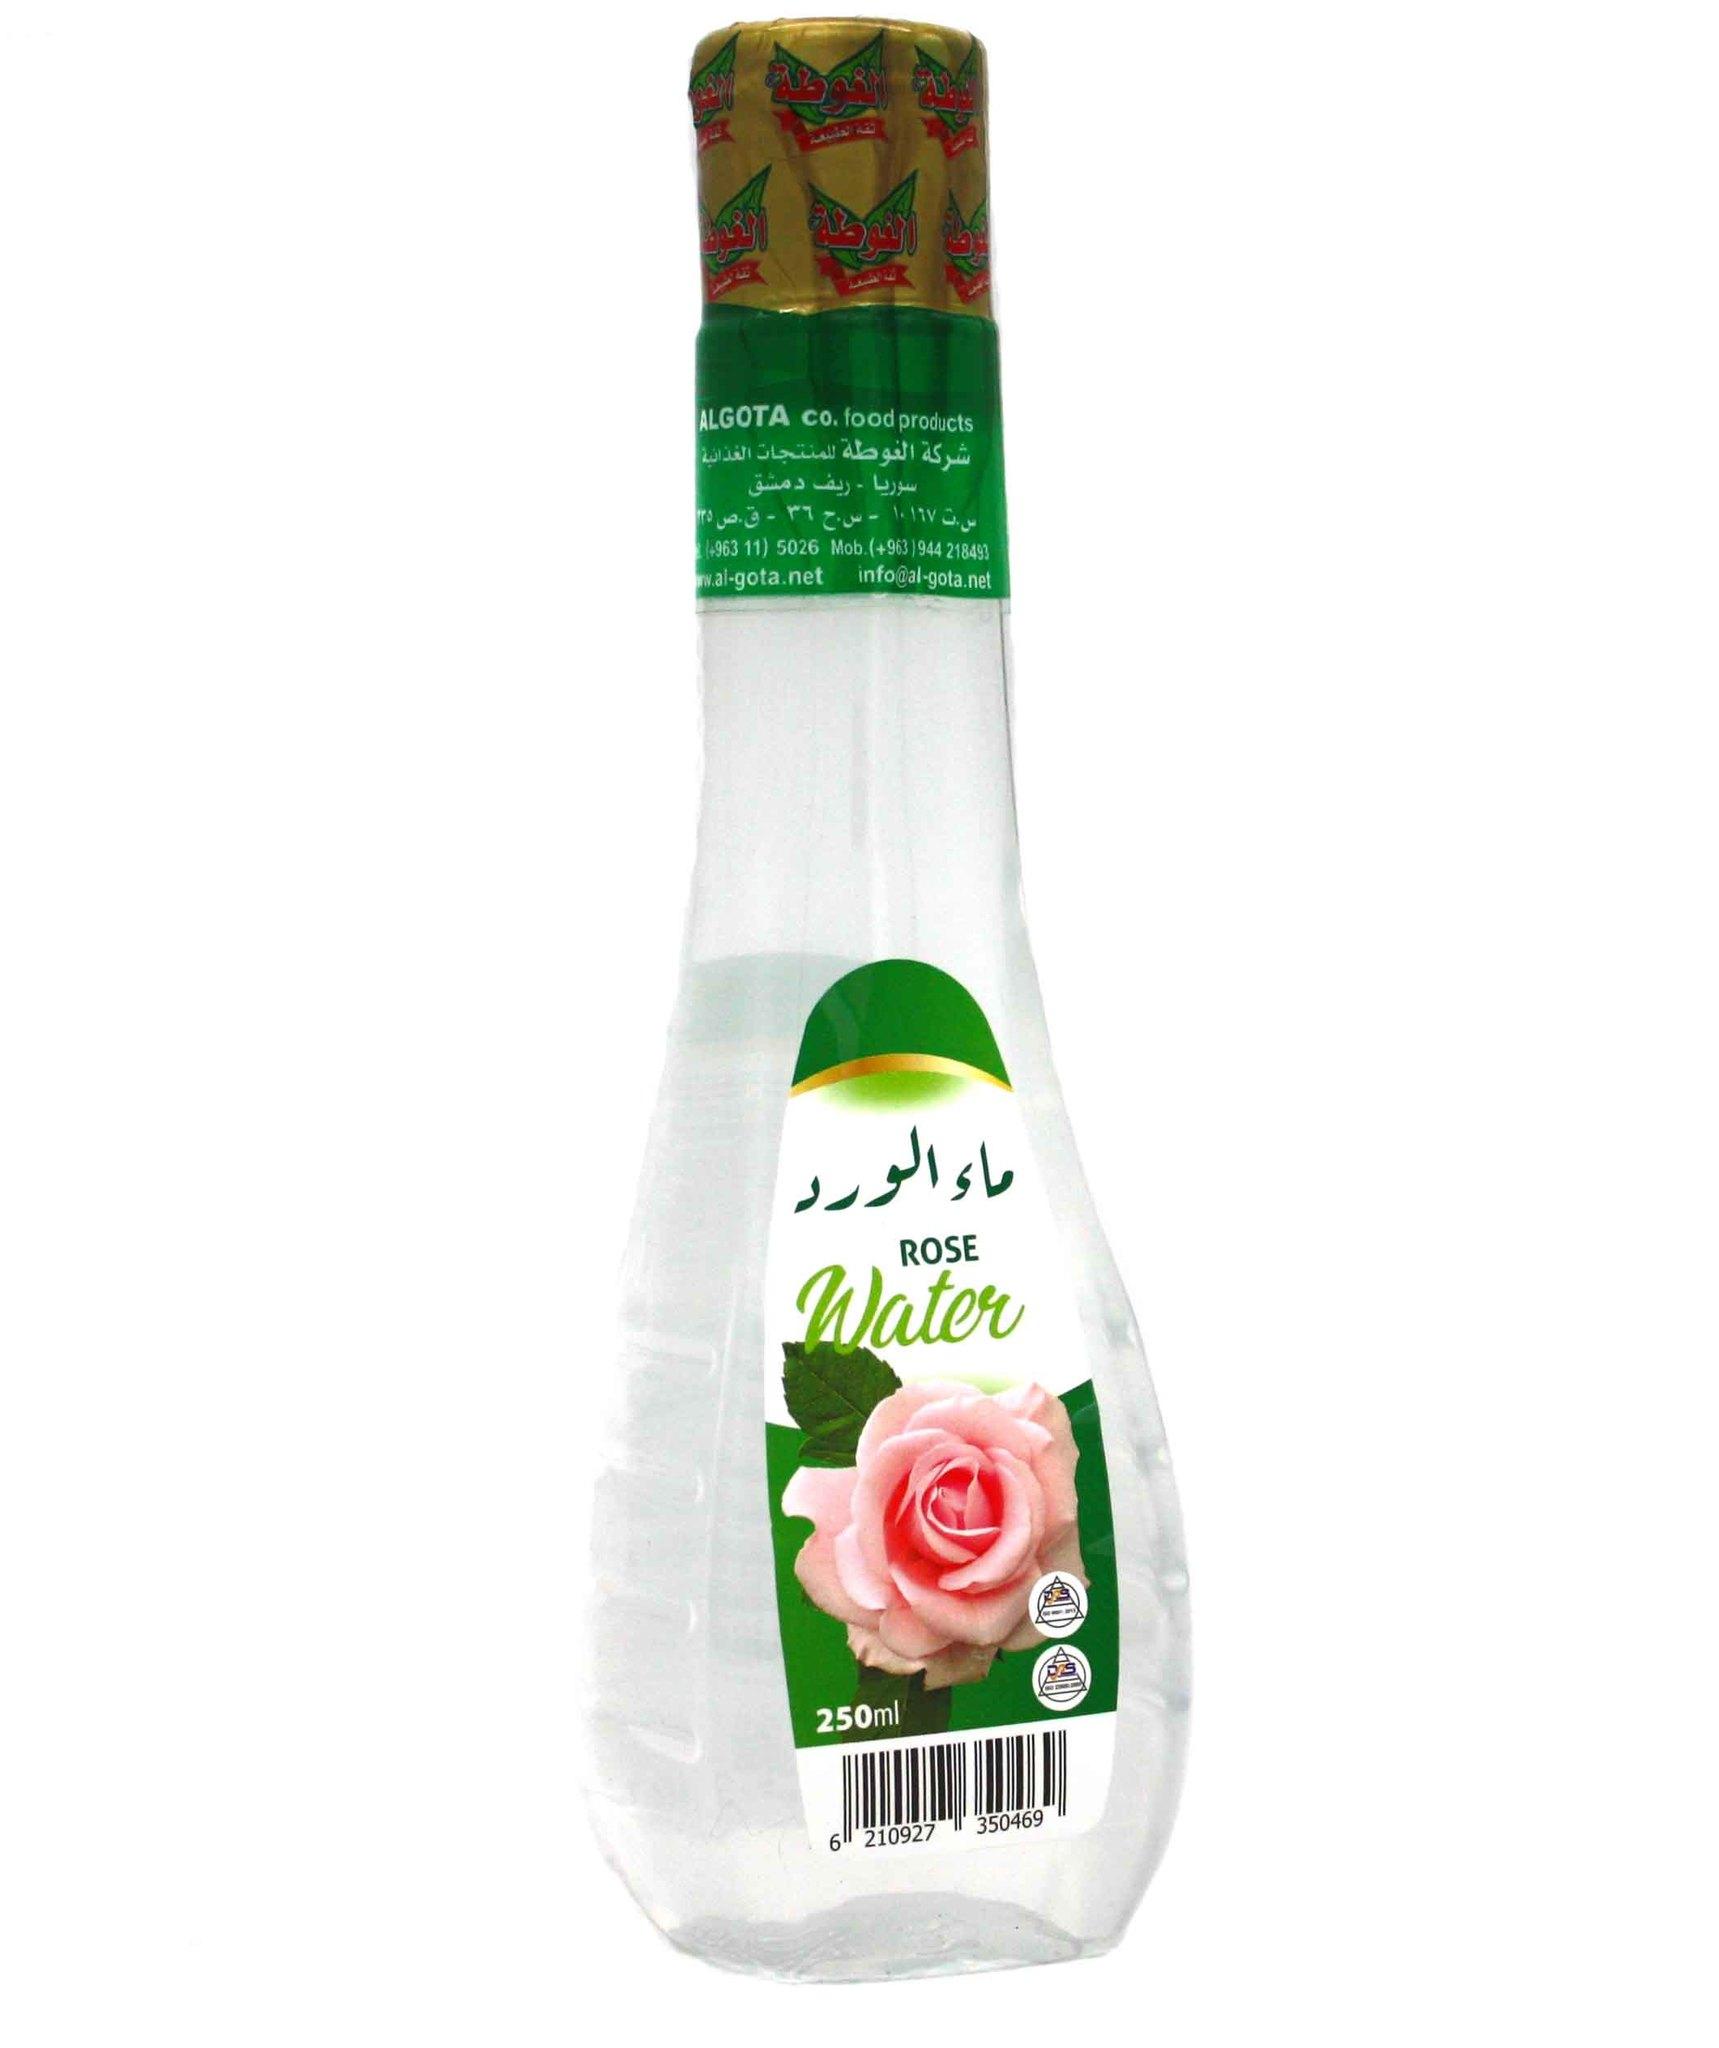 Цветочная вода Розовая вода, Algota, 250 мл import_files_48_4805b2e399a111eaa9cc484d7ecee297_ab9039489bf611eaa9cc484d7ecee297.jpg